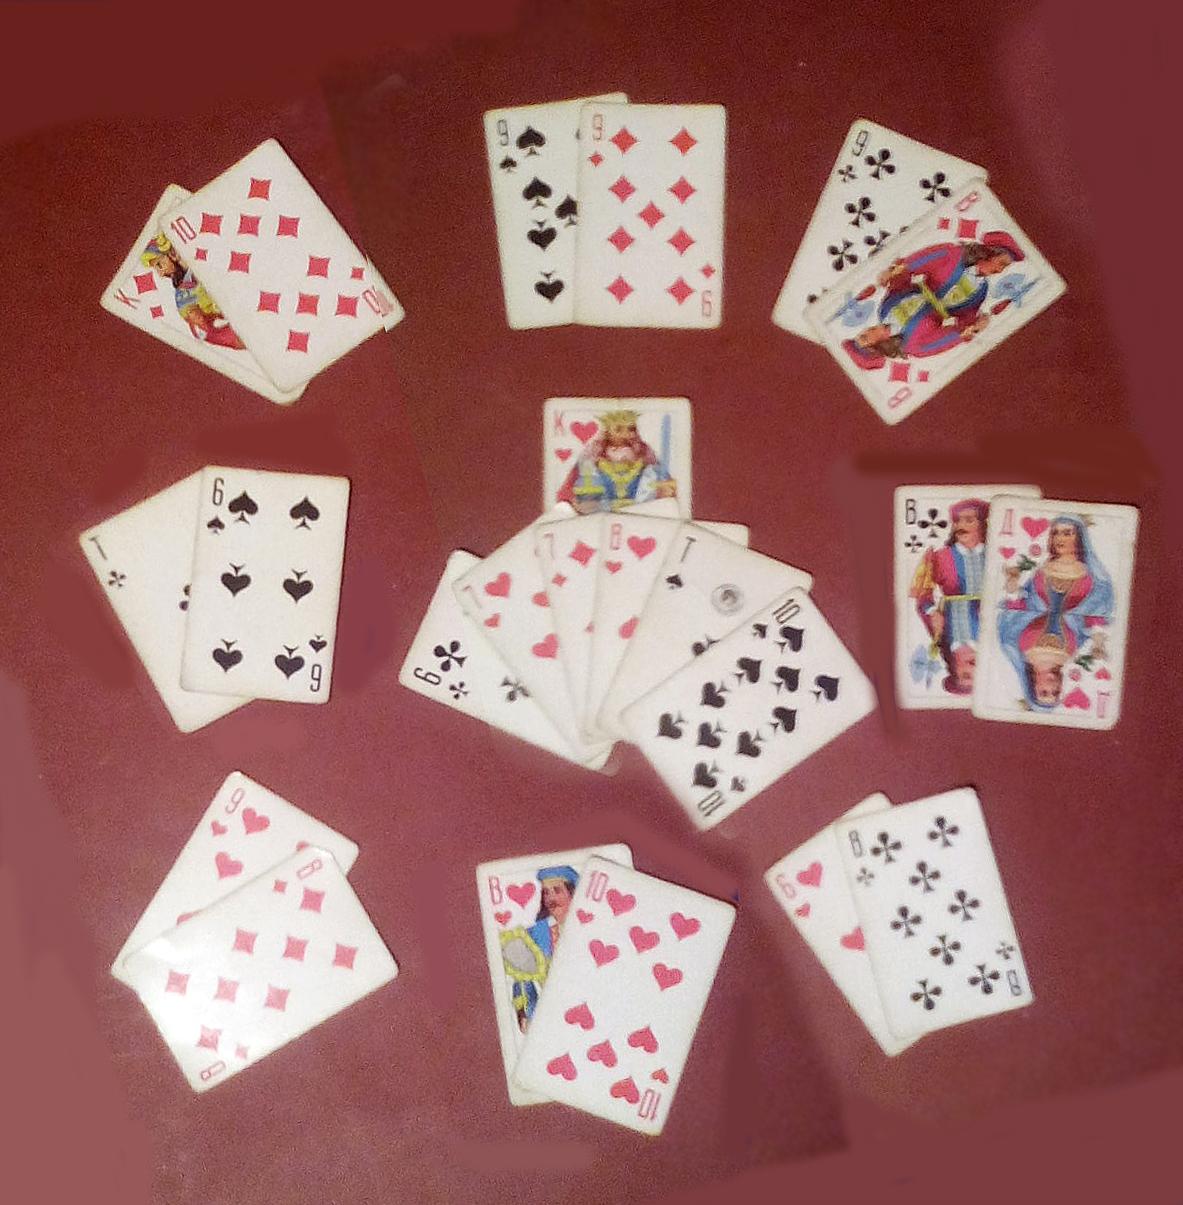 гадания на игральных картах на прошлое настоящее будущее